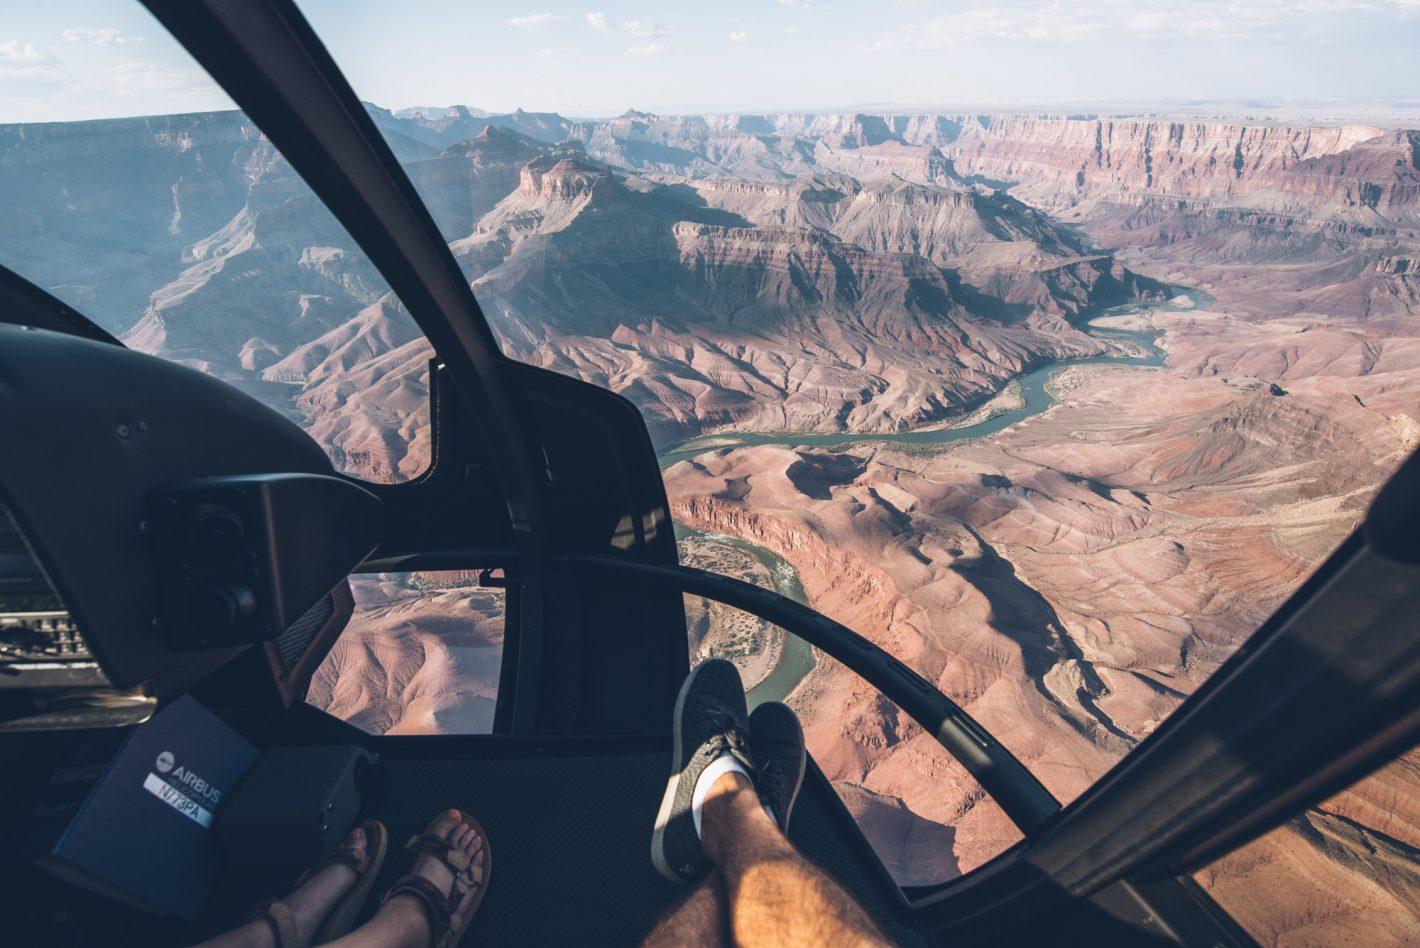 L'INSPIRATION VOYAGE DES BESTJOBERS N°2 : ÉCHAPPÉES DANS LE GRAND OUEST AMÉRICAIN - Grand Canyon